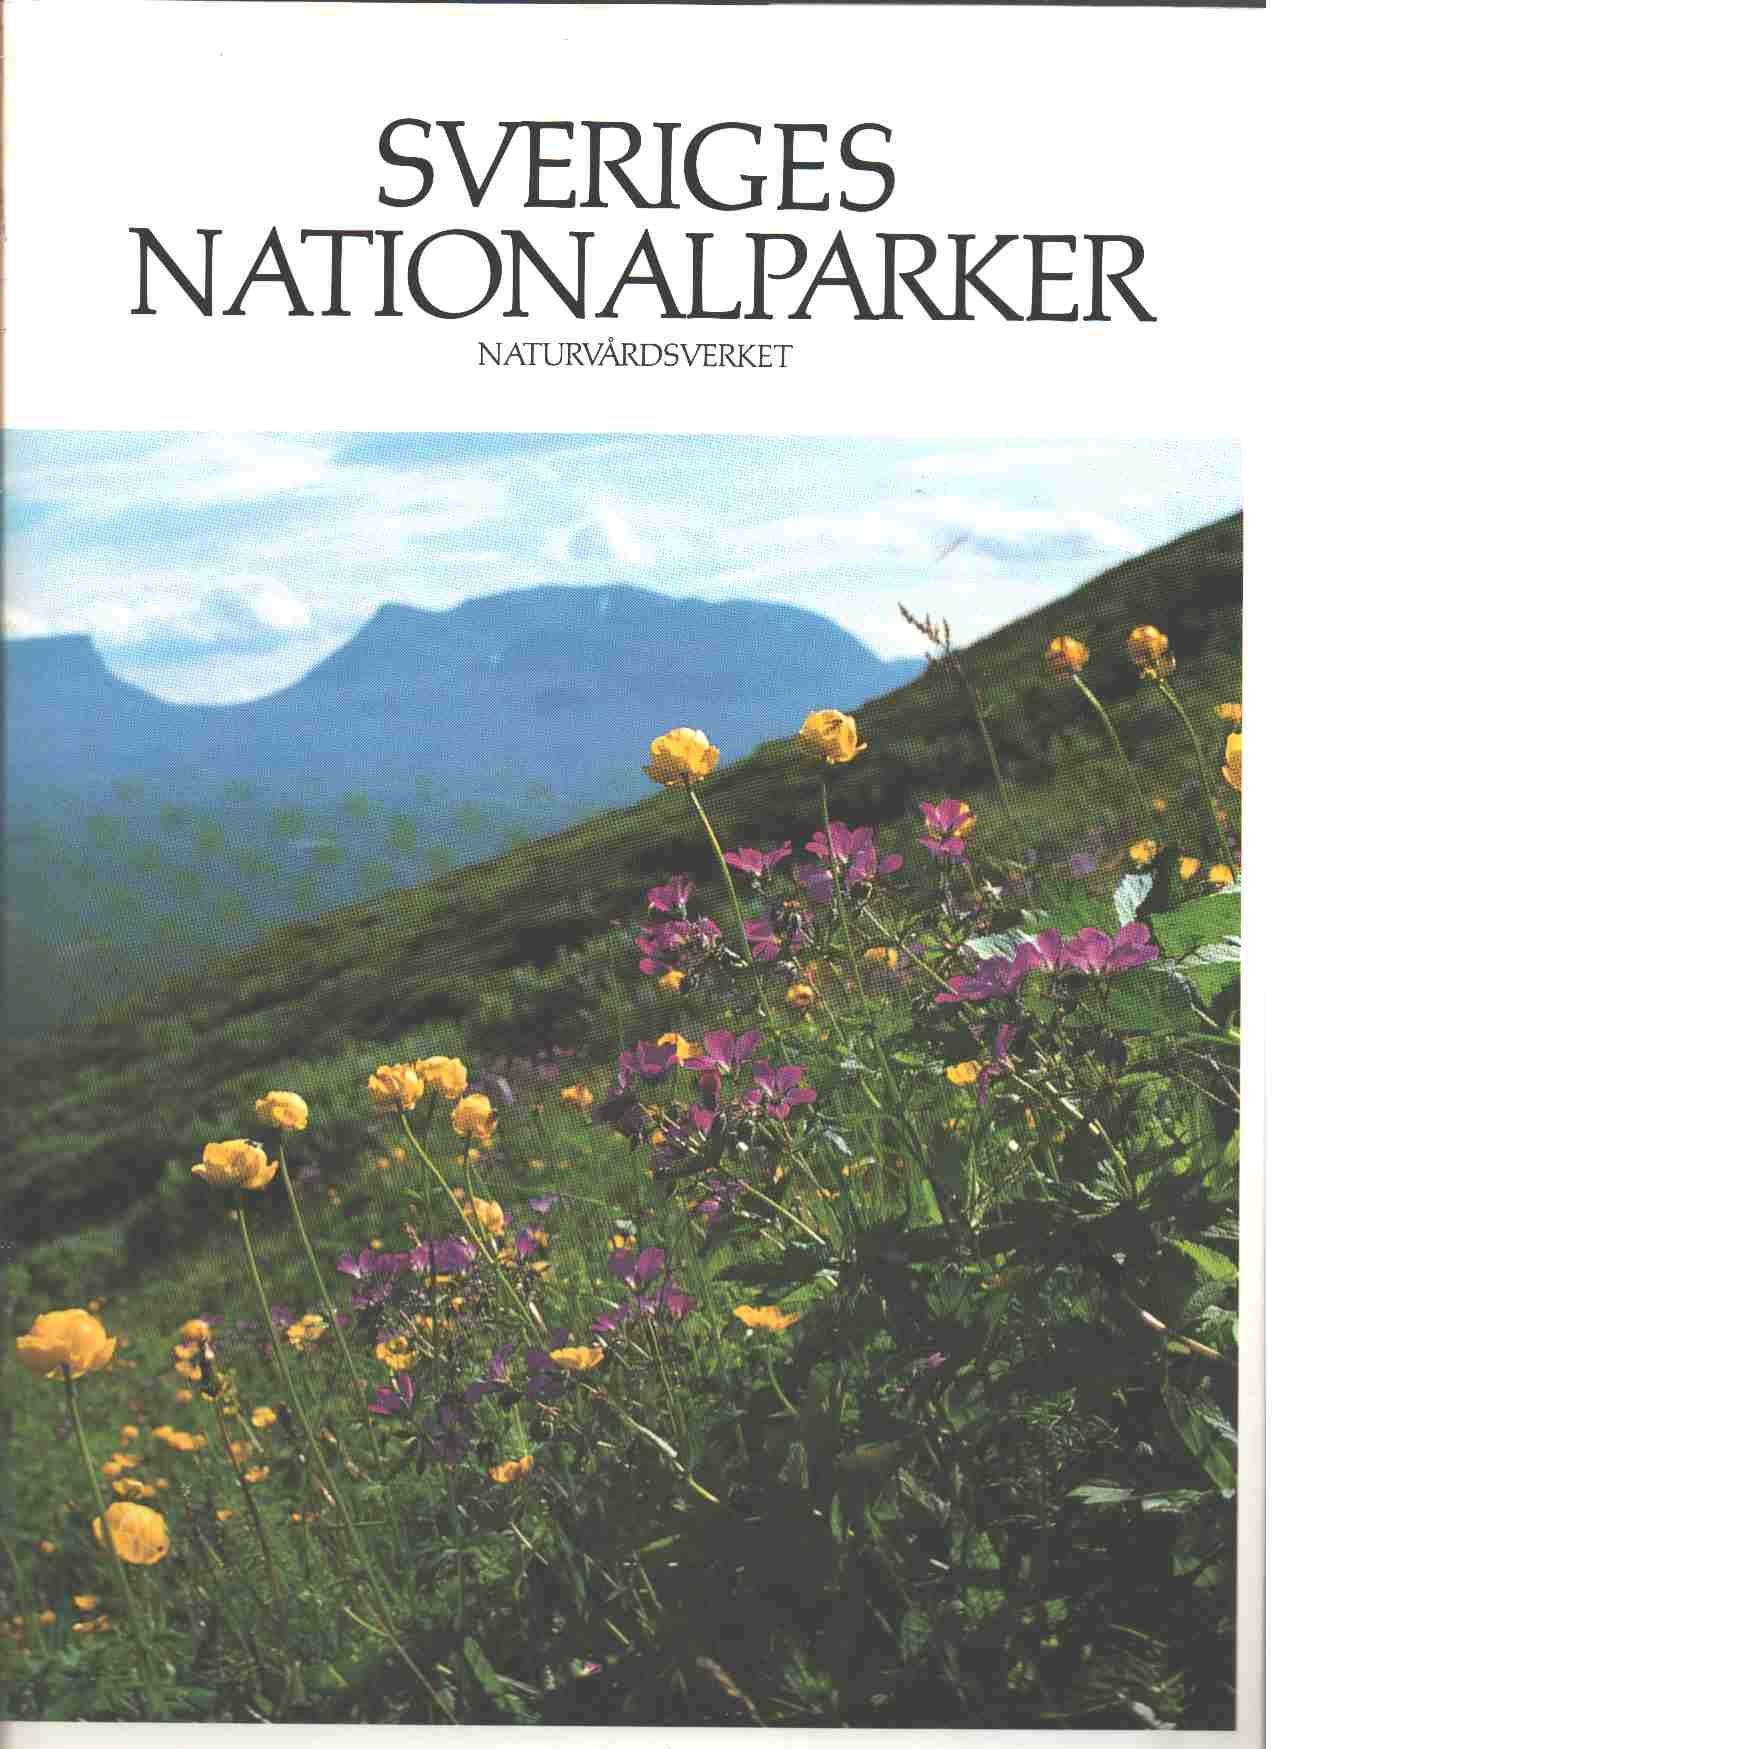 Sveriges nationalparker - Grundsten, Claes